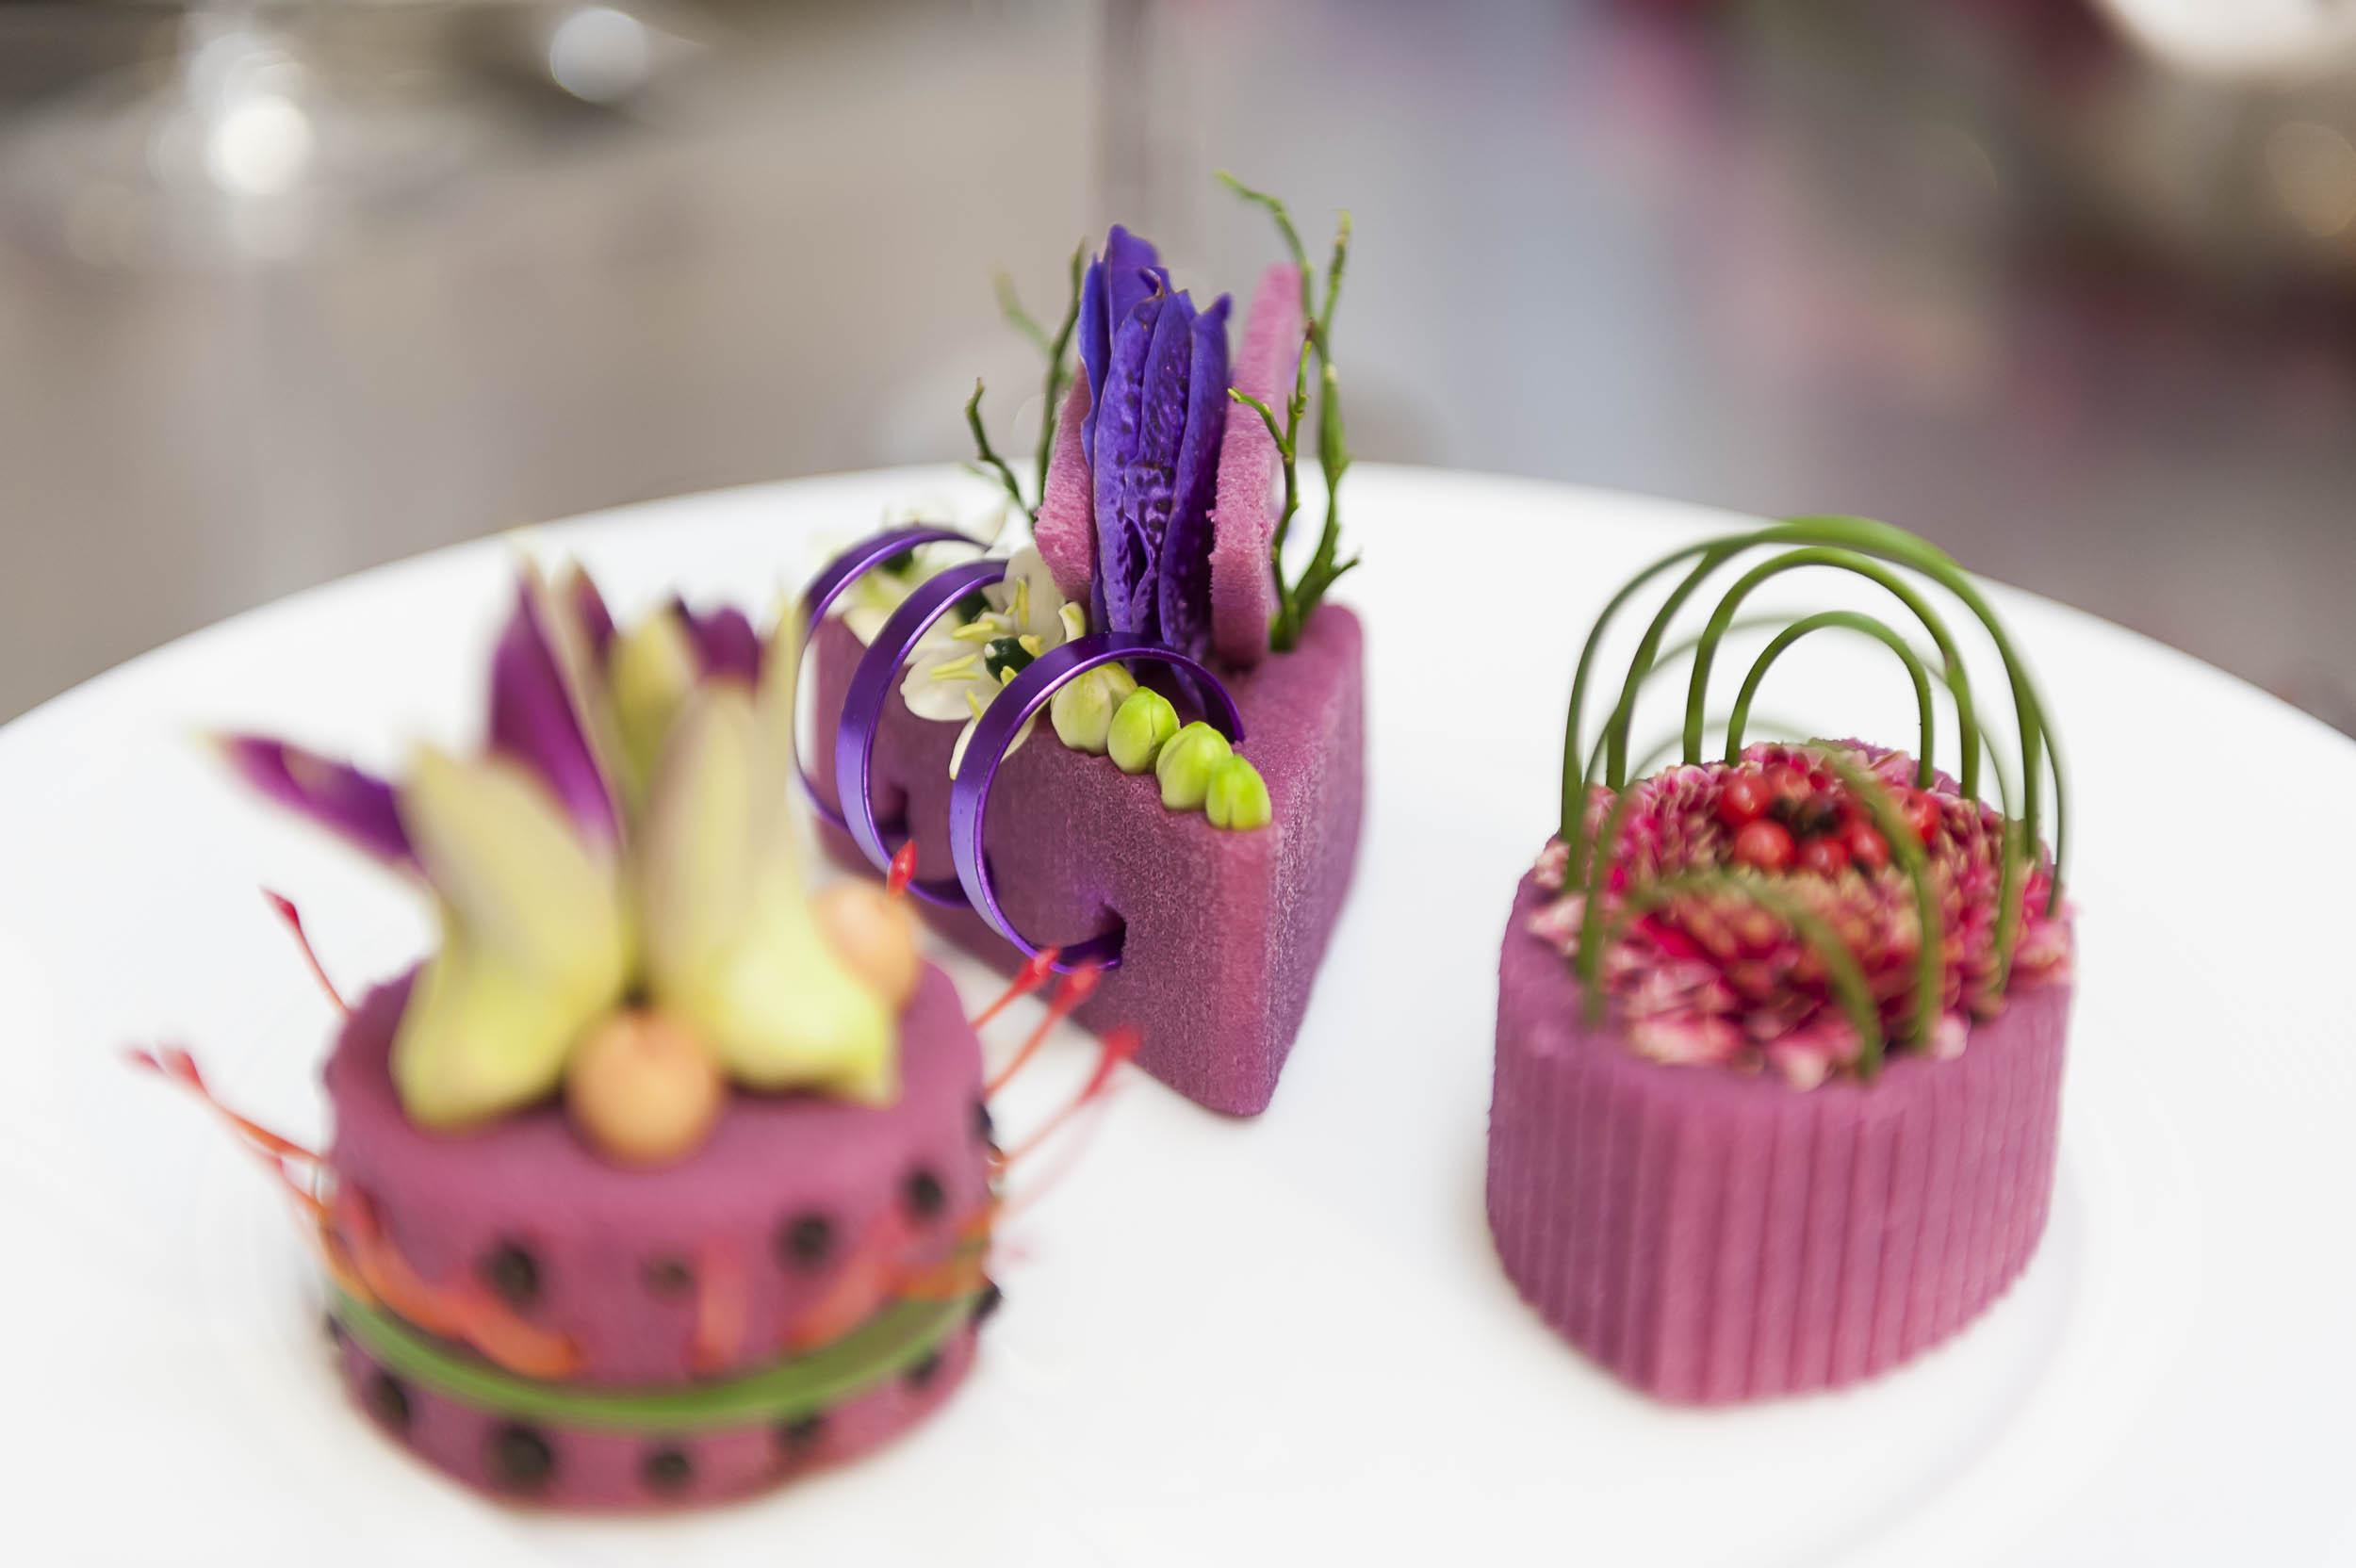 Créativité florale et culinaire par Mickael Rault